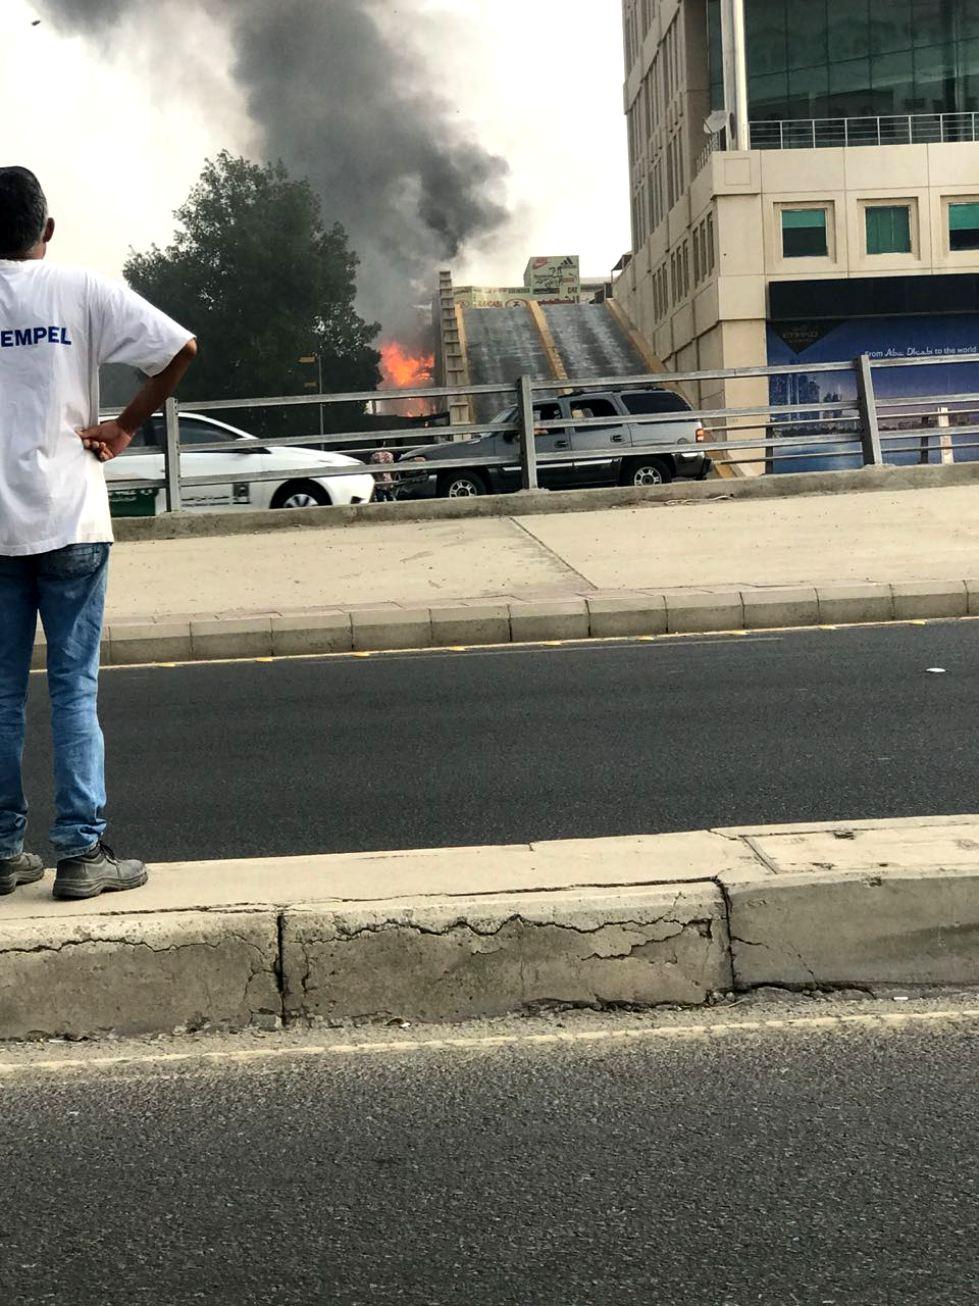 شاهد: حريق هائل بالقرب من الصيرفي مول بجدة